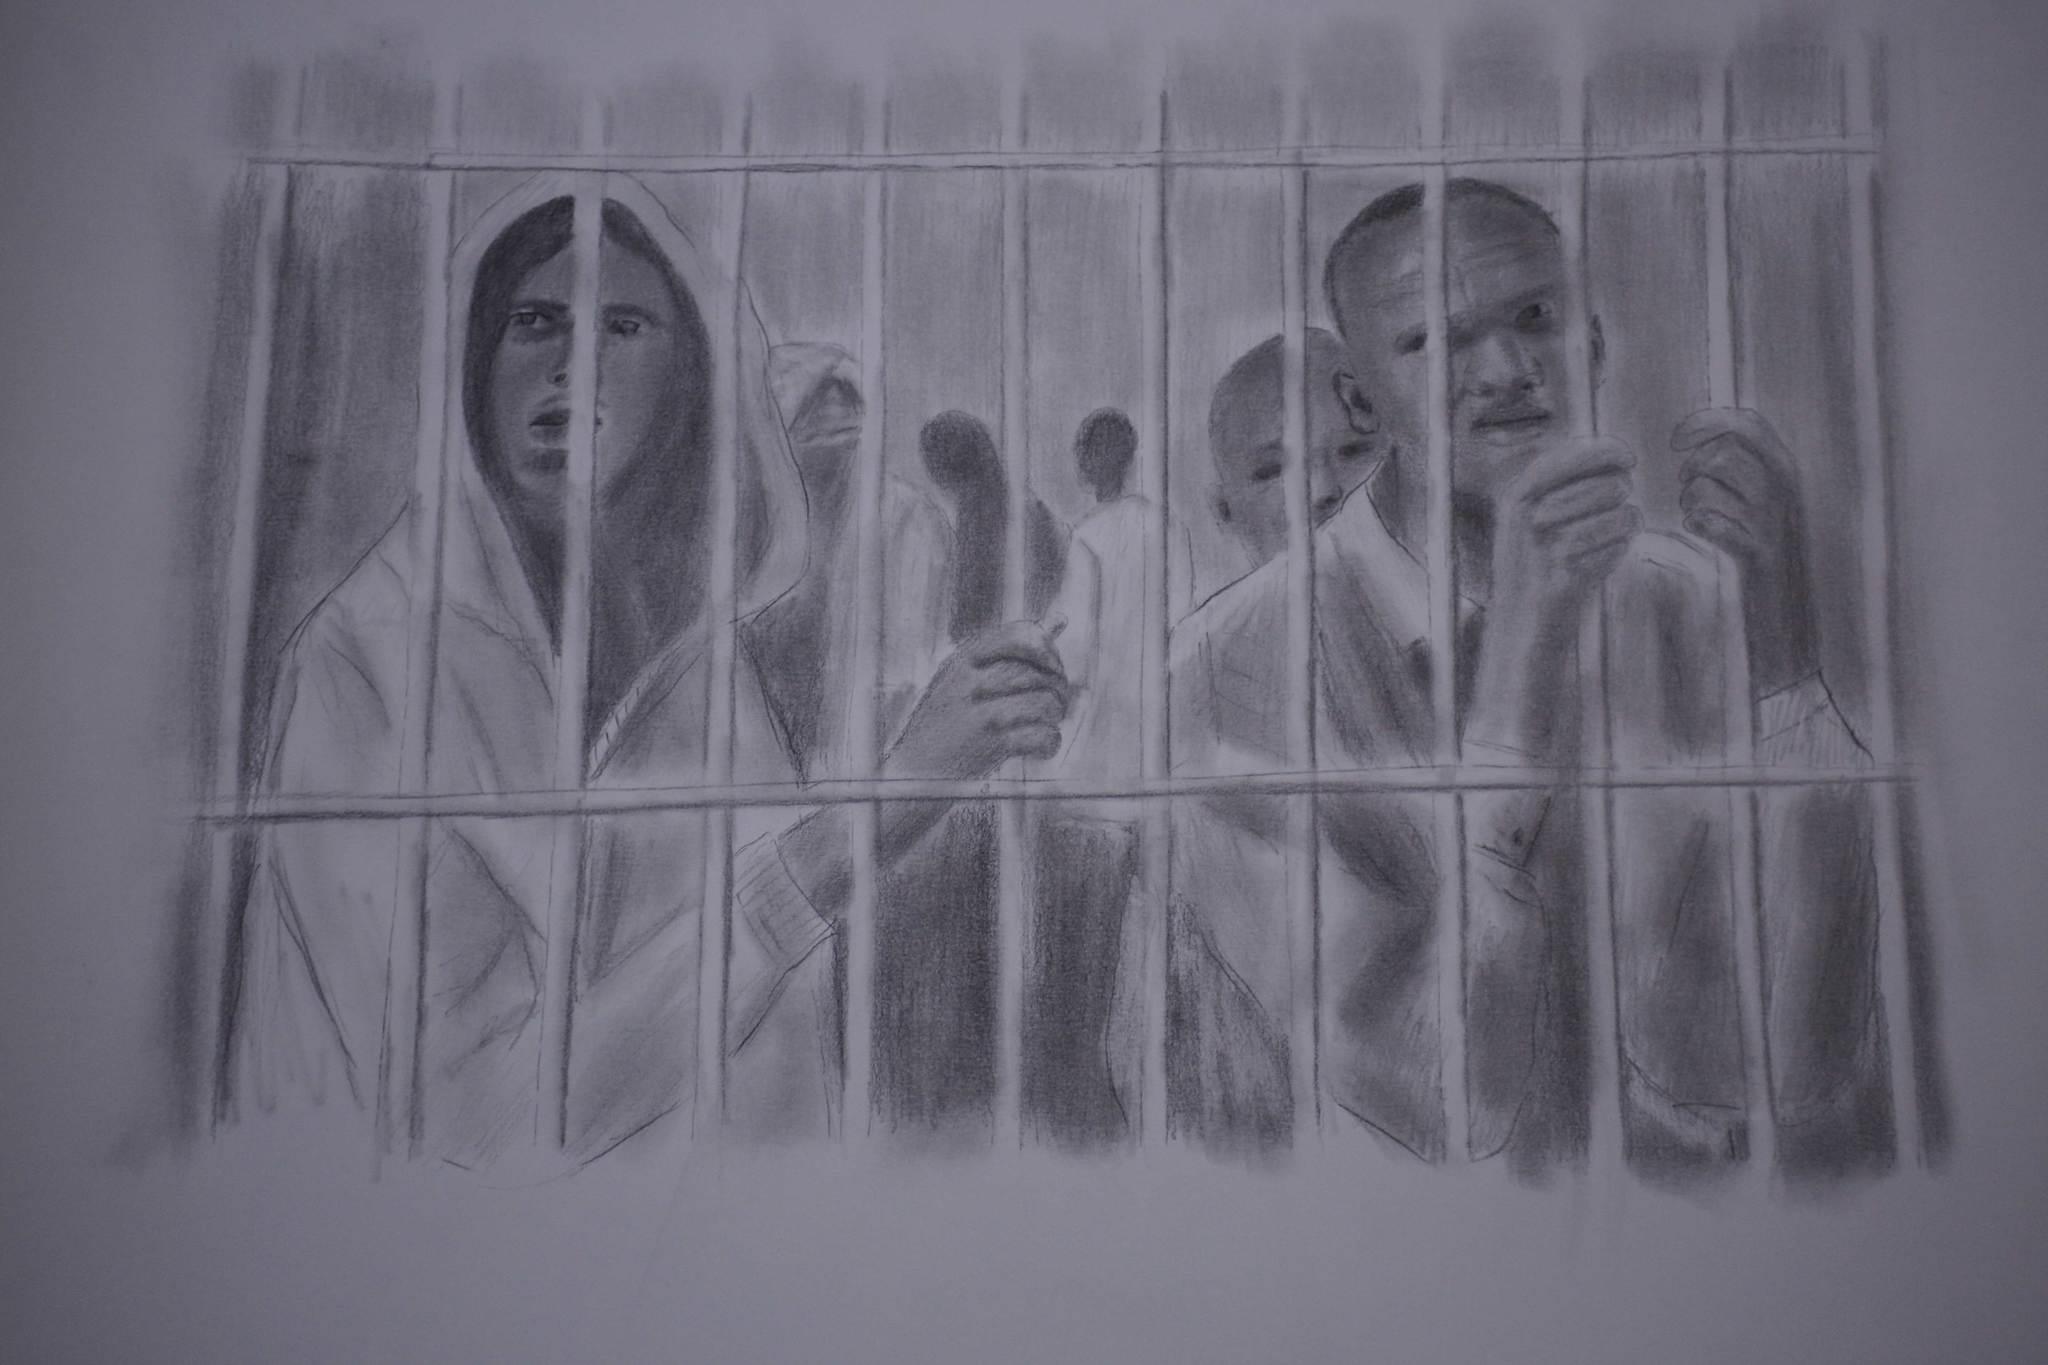 El 'Picasso' ilegal que pinta la tragedia de los inmigrantes